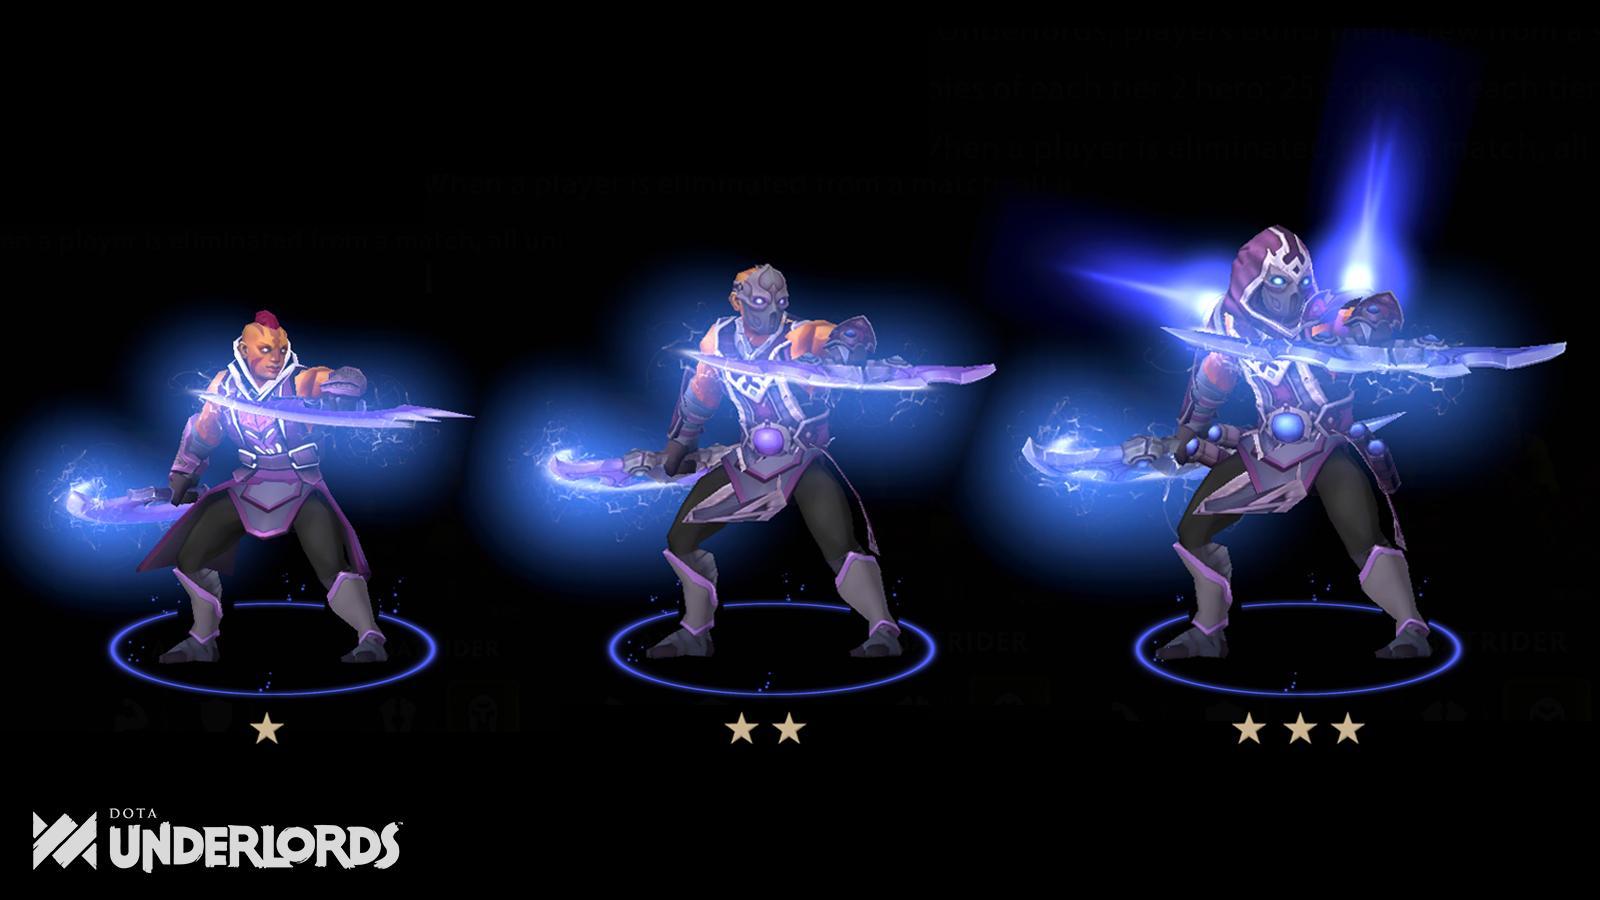 [Underlords] Những hero sẽ được khoác lên những trang phục mới khi được nâng cấp vào bản update tới